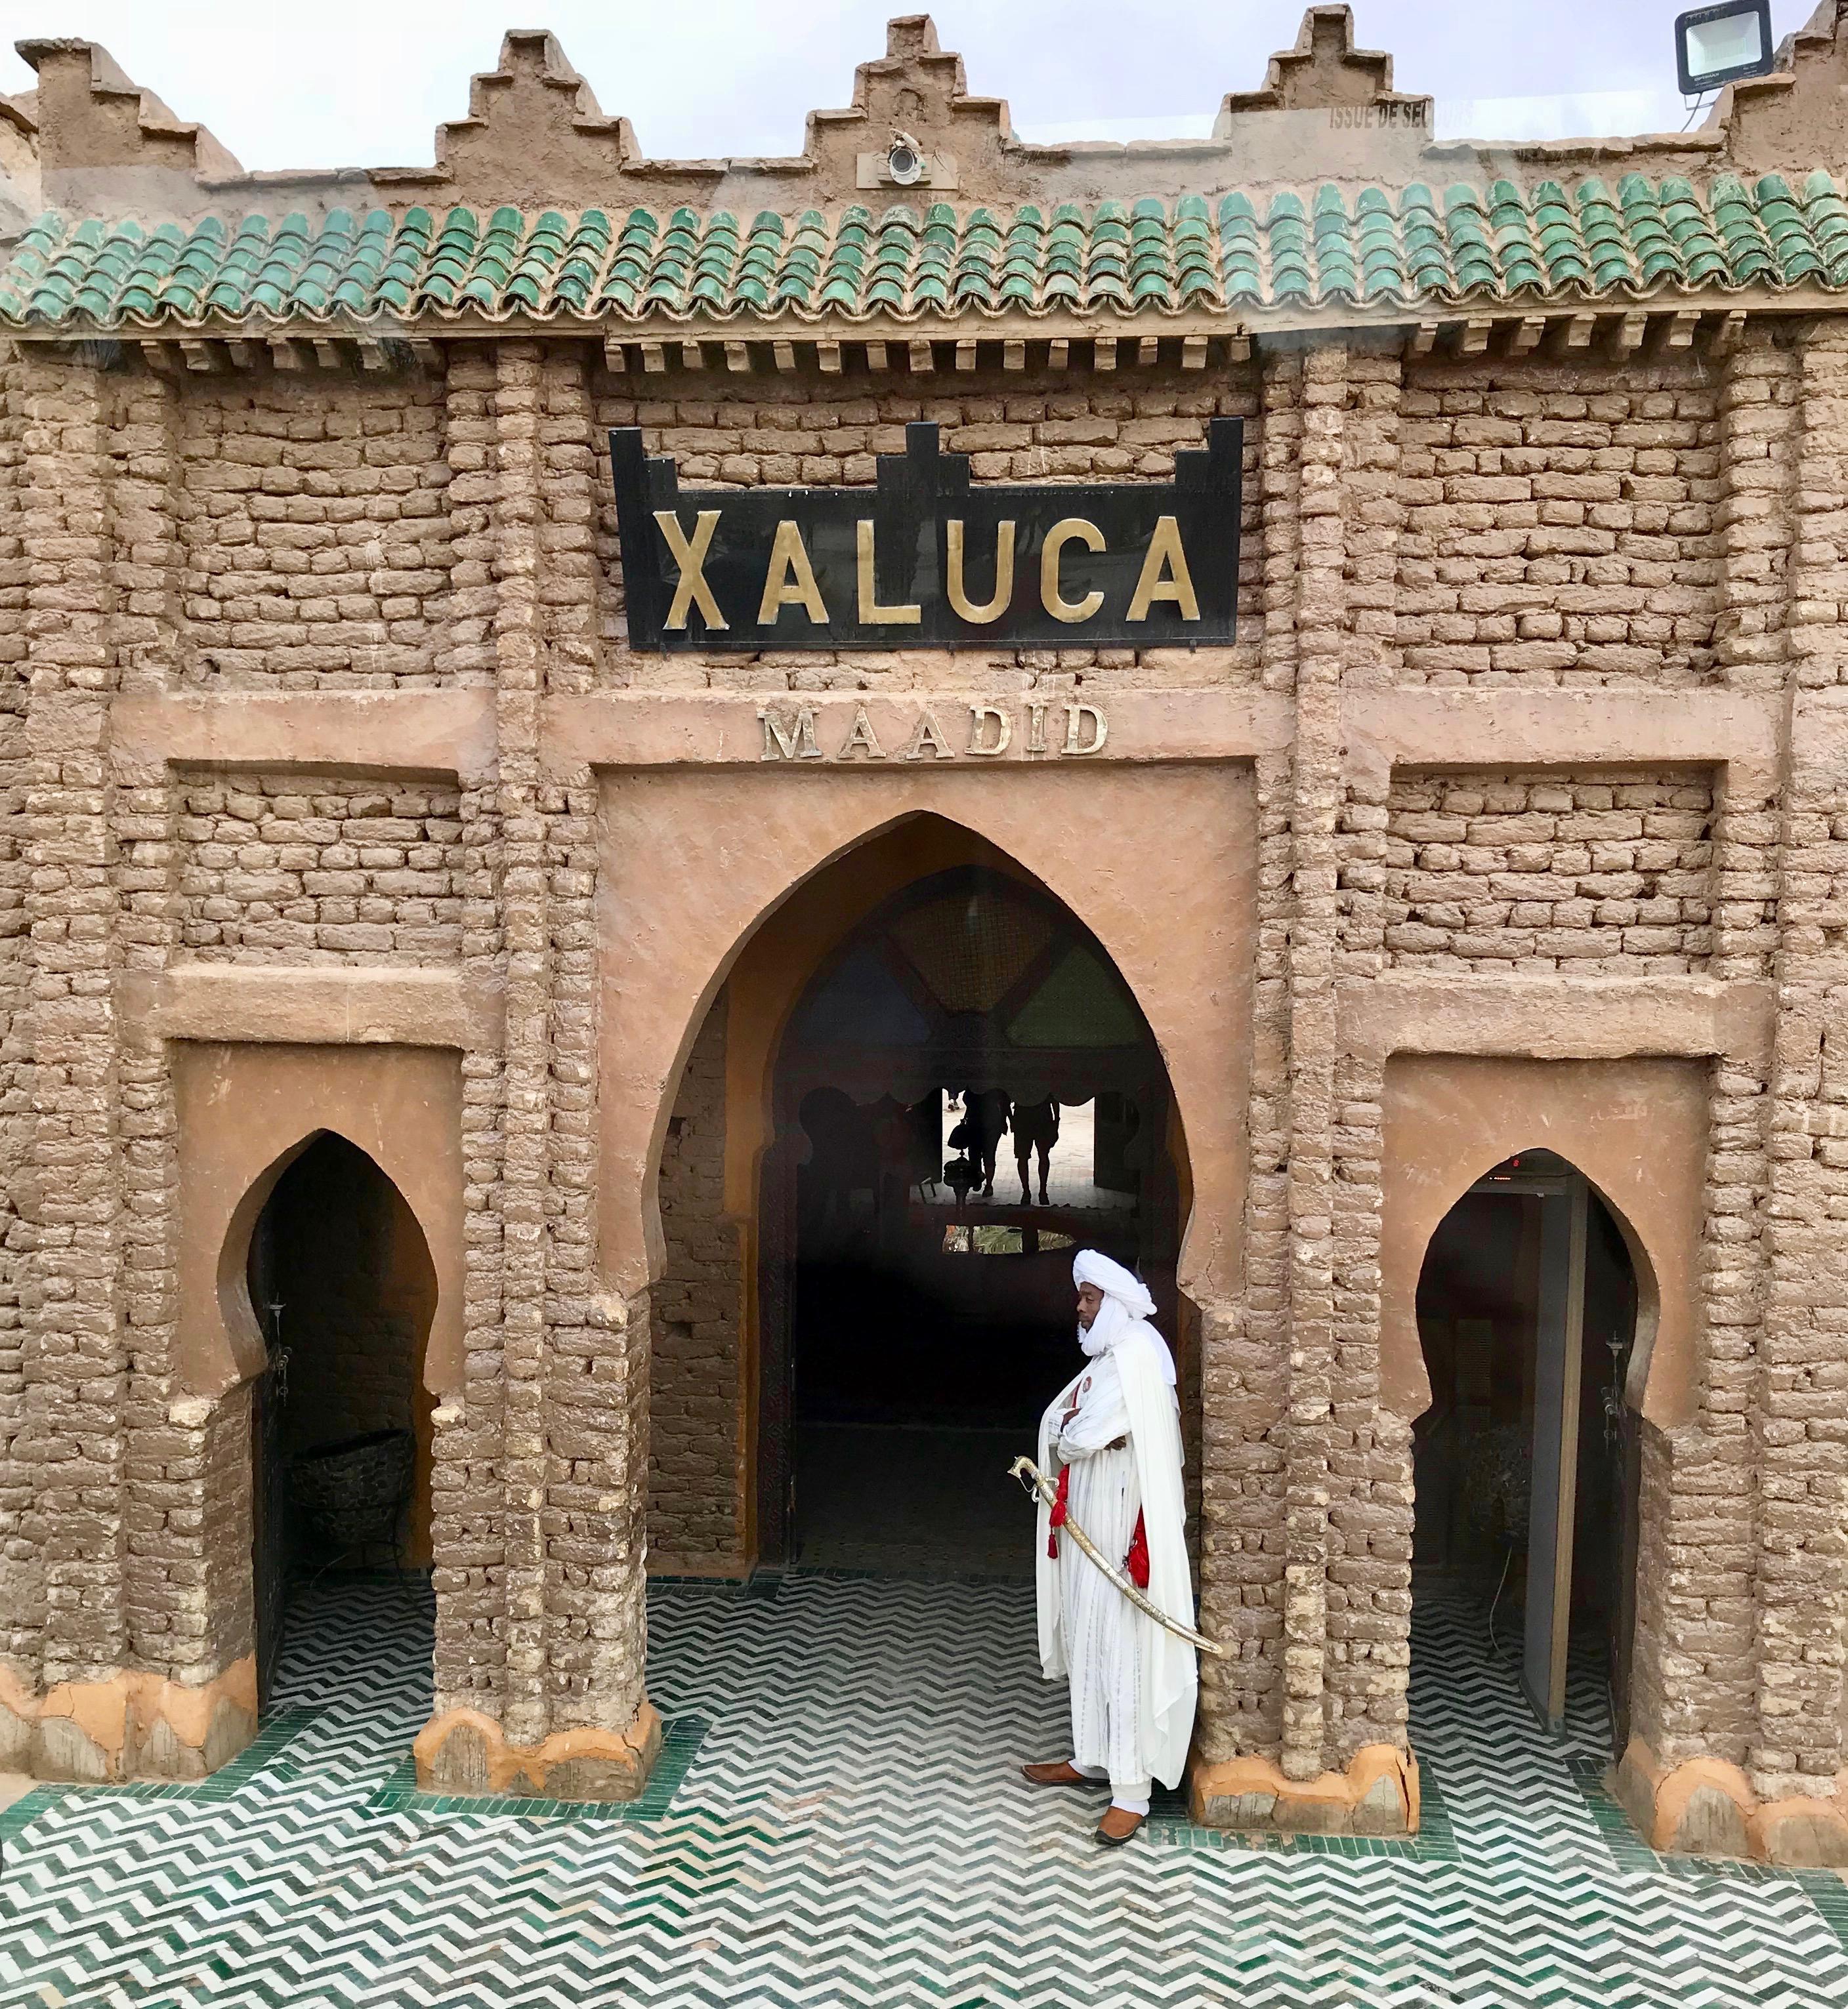 Entry to Xaluca Maadid